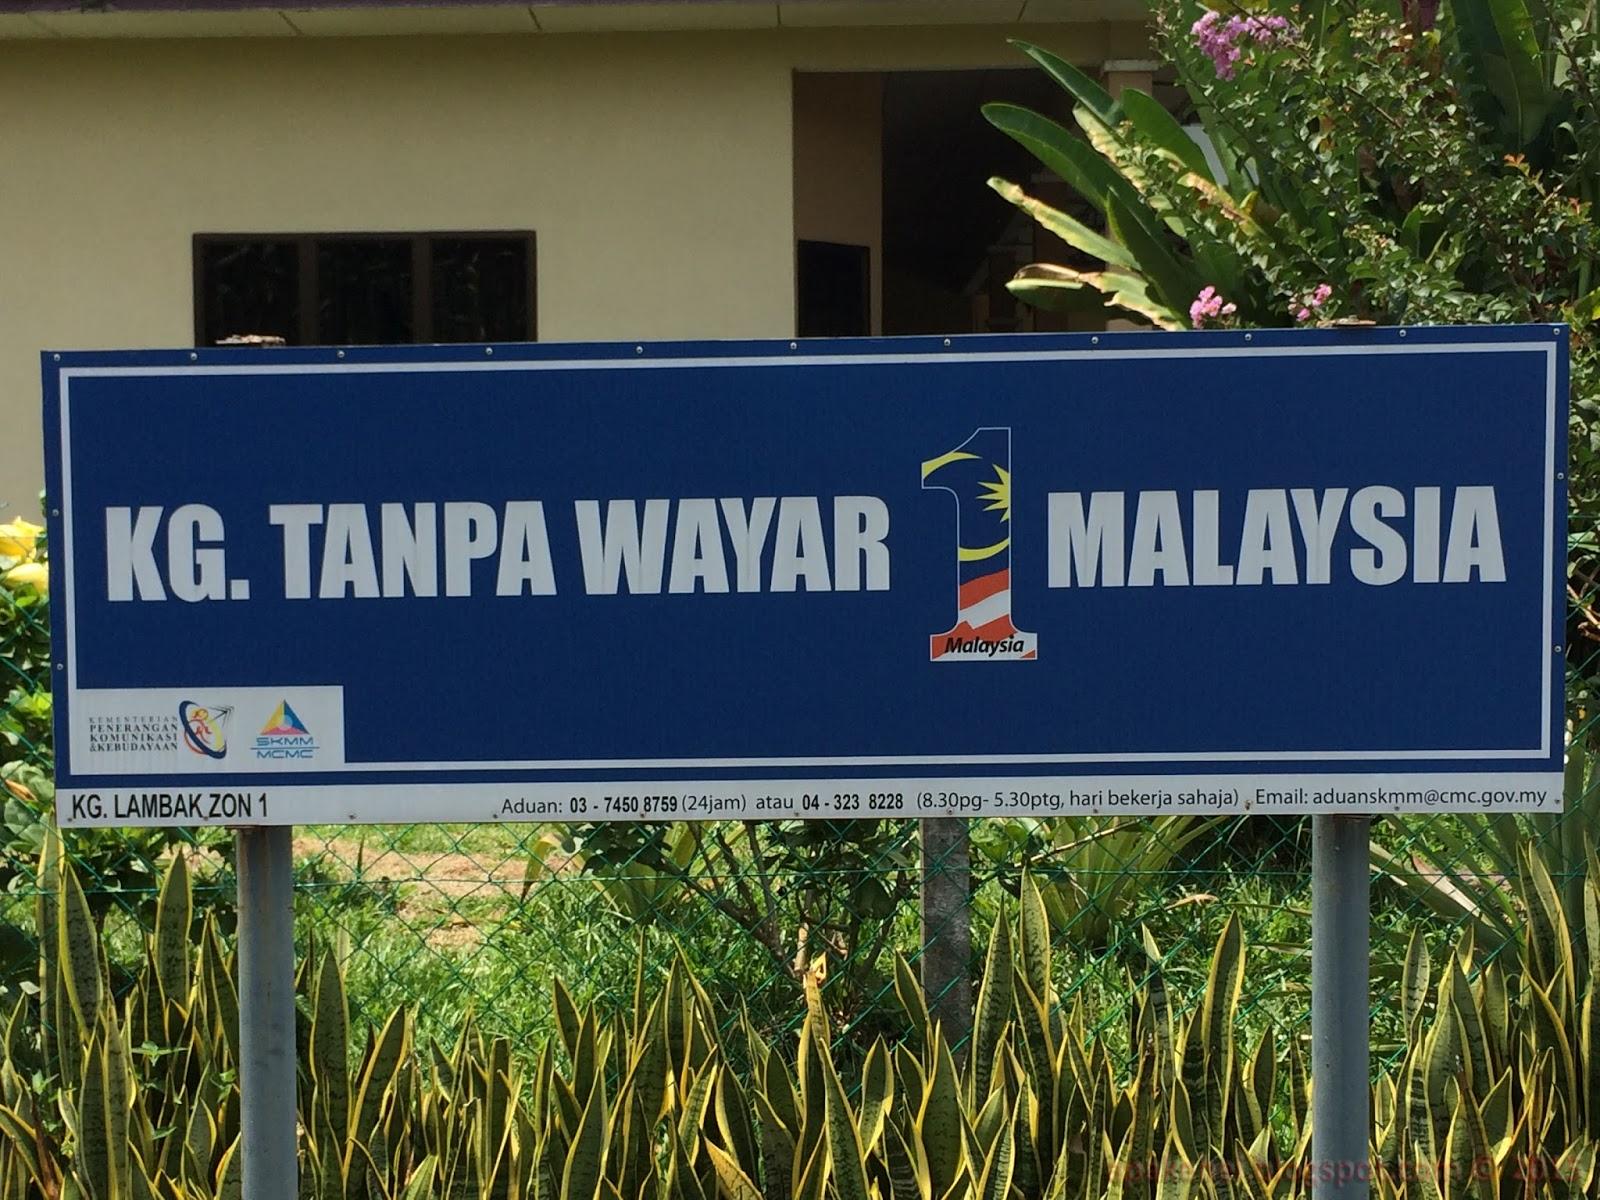 Kampung Tanpa Wayar